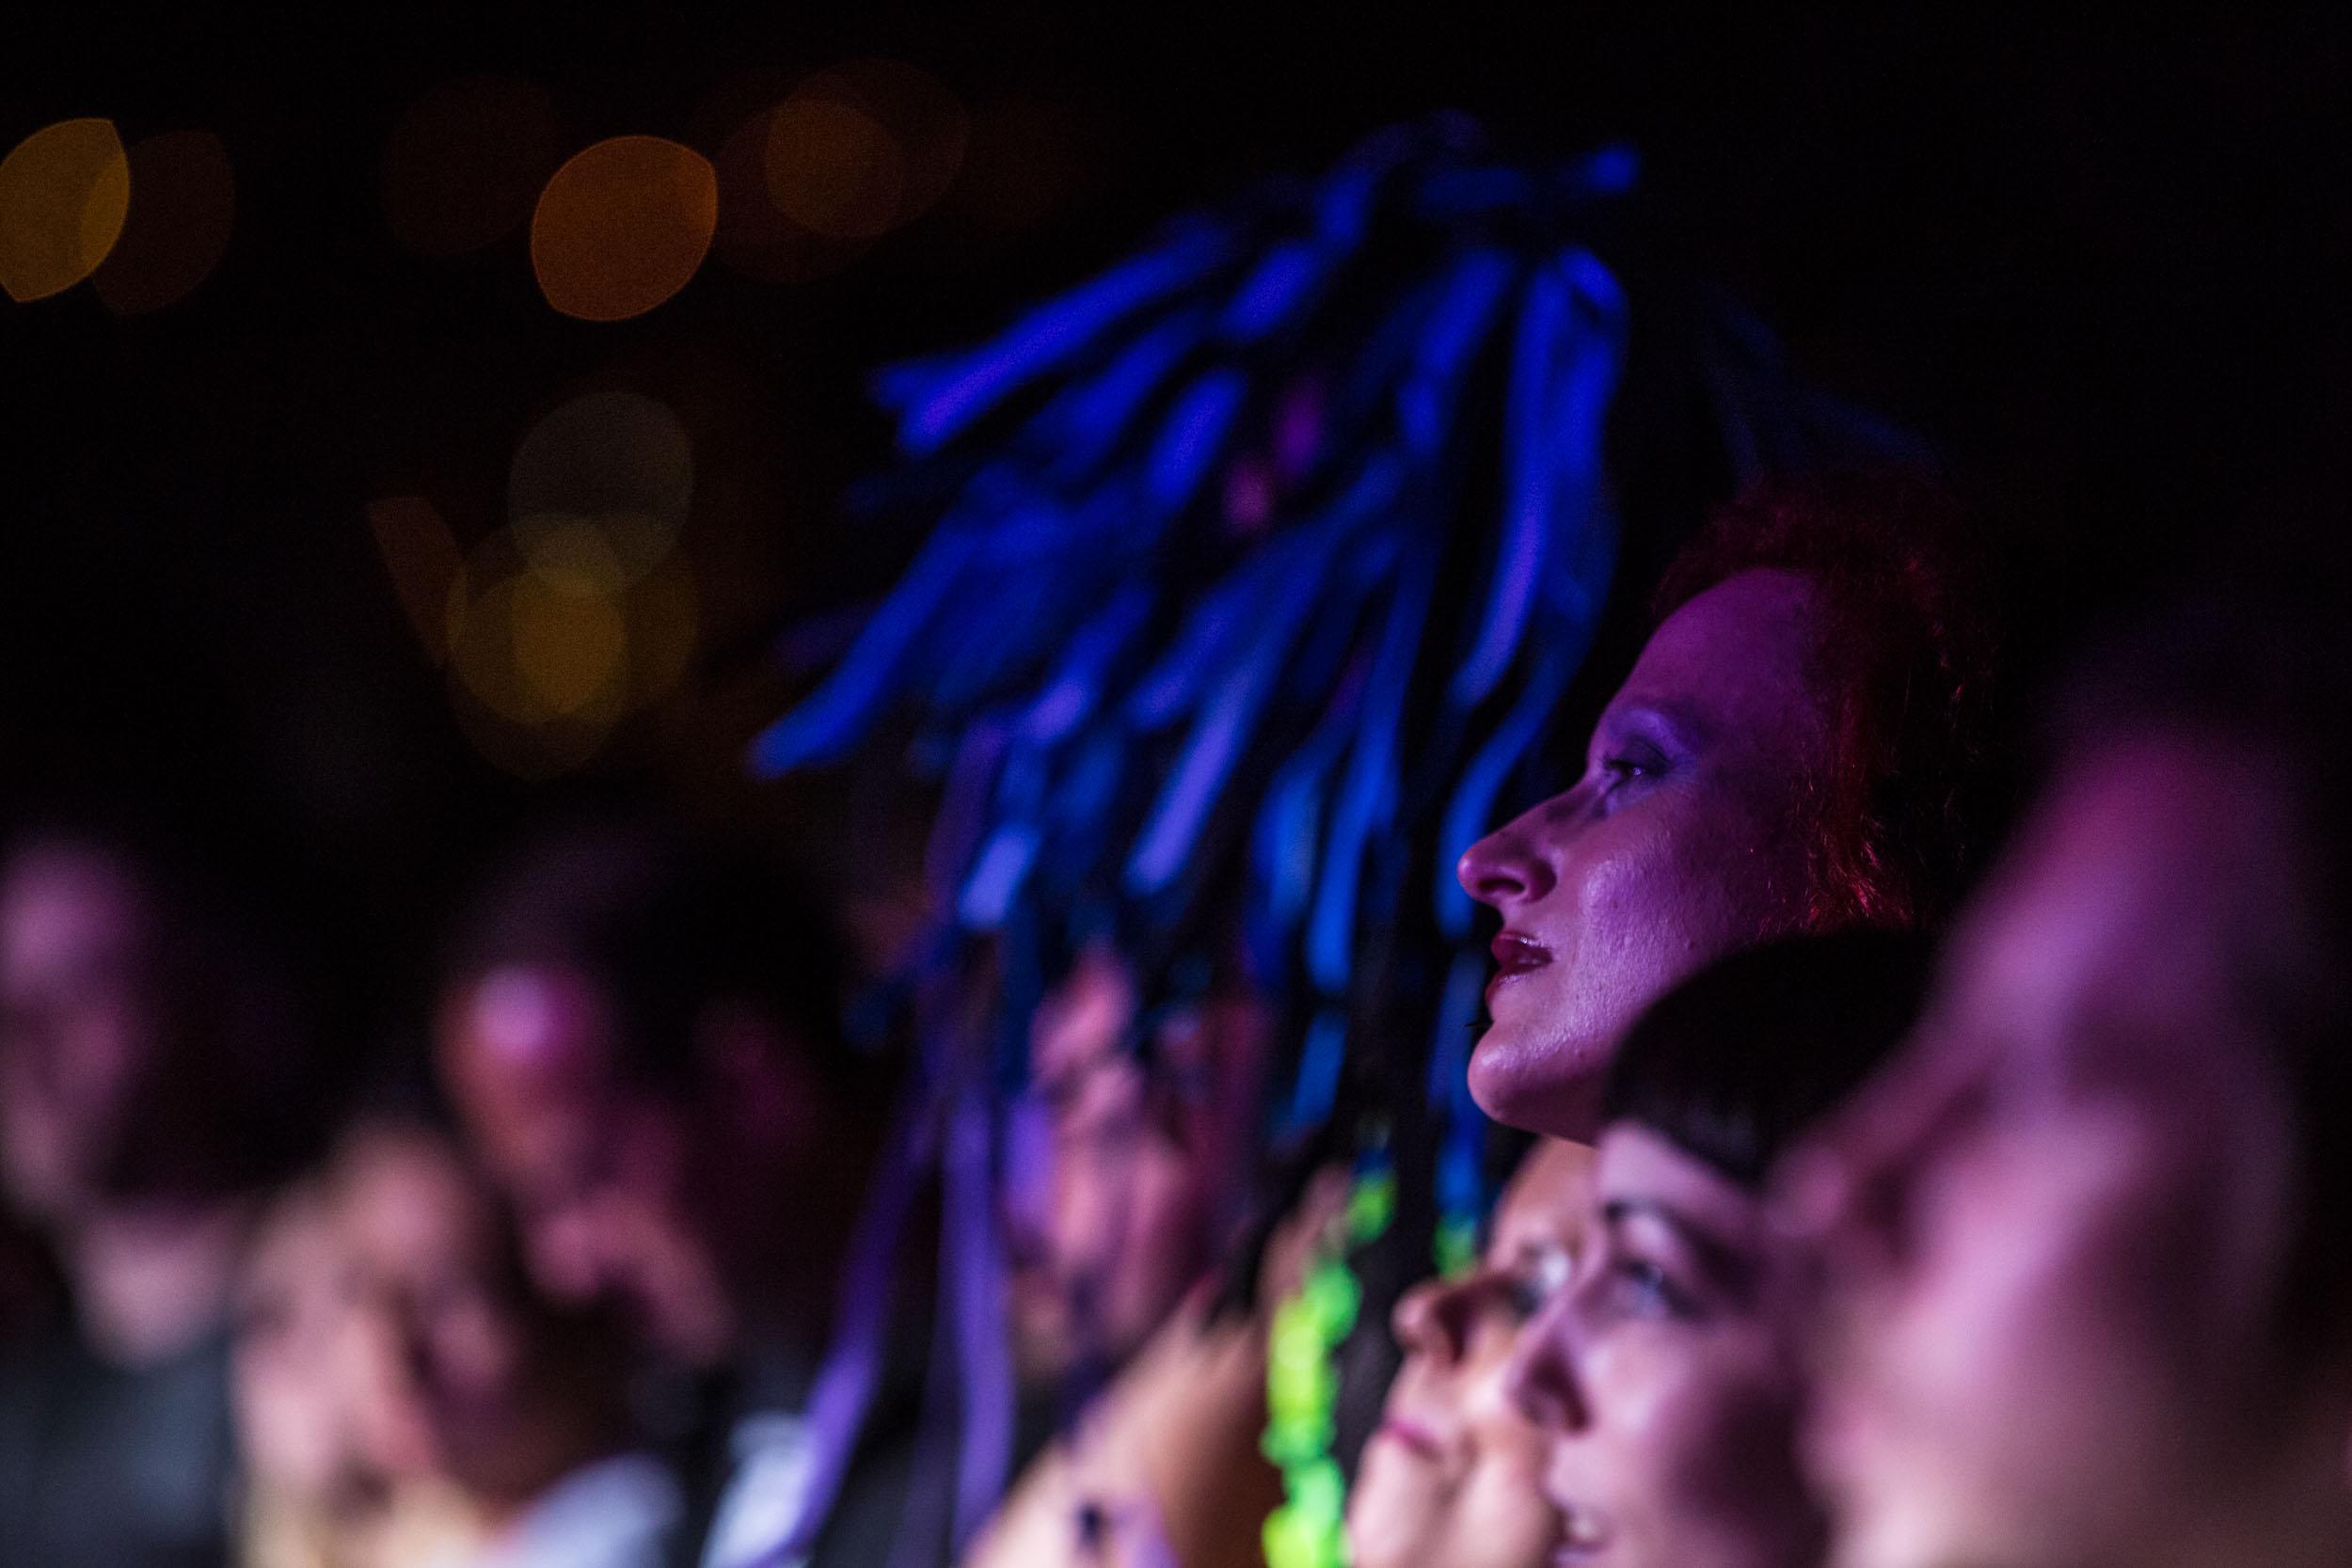 [:SITD:], Festival Entremuralhas VI, 2015/08/28